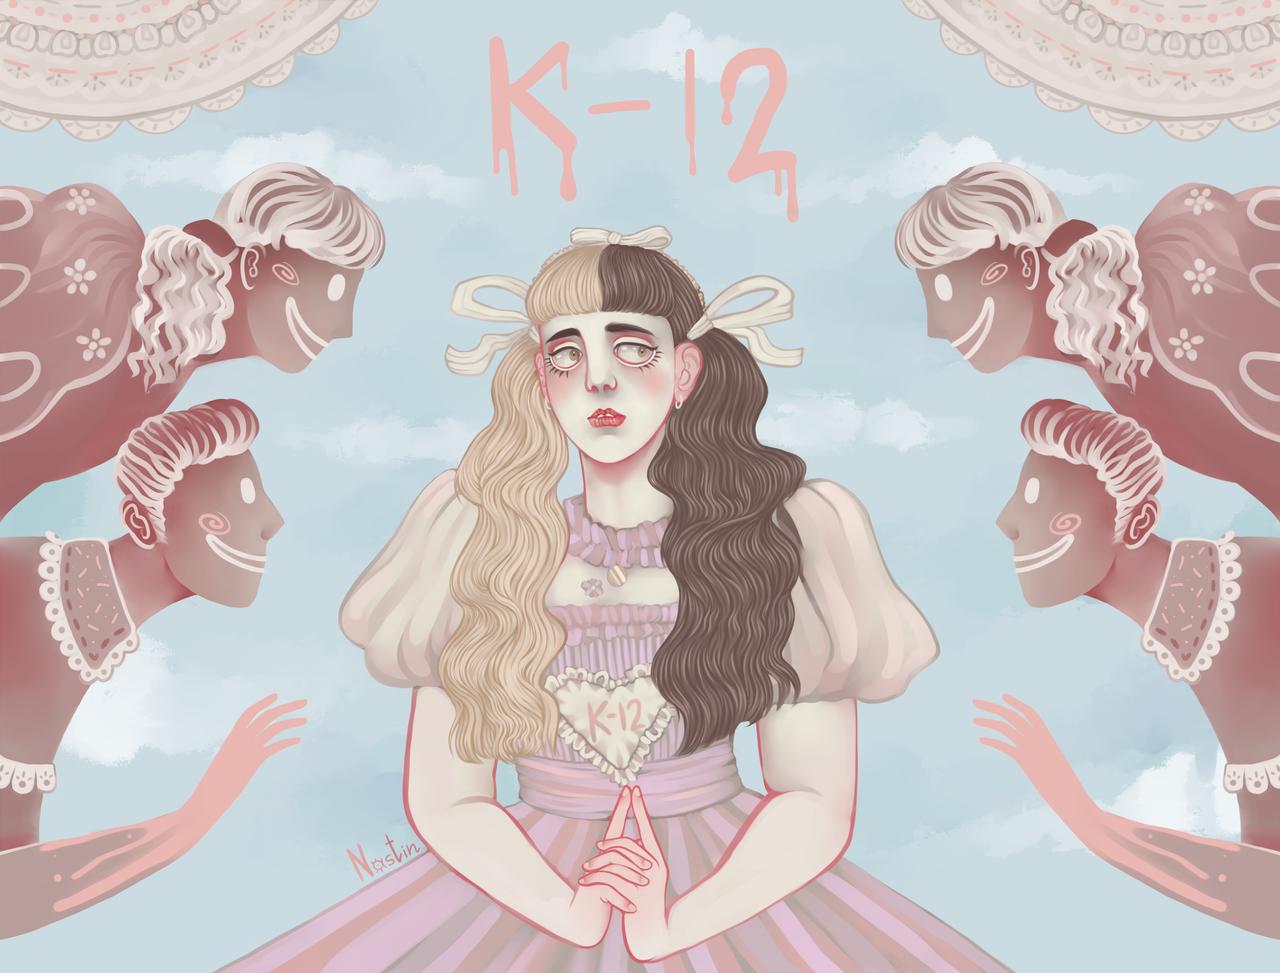 Crybaby K12 Melanie Martinez By 13nastin13